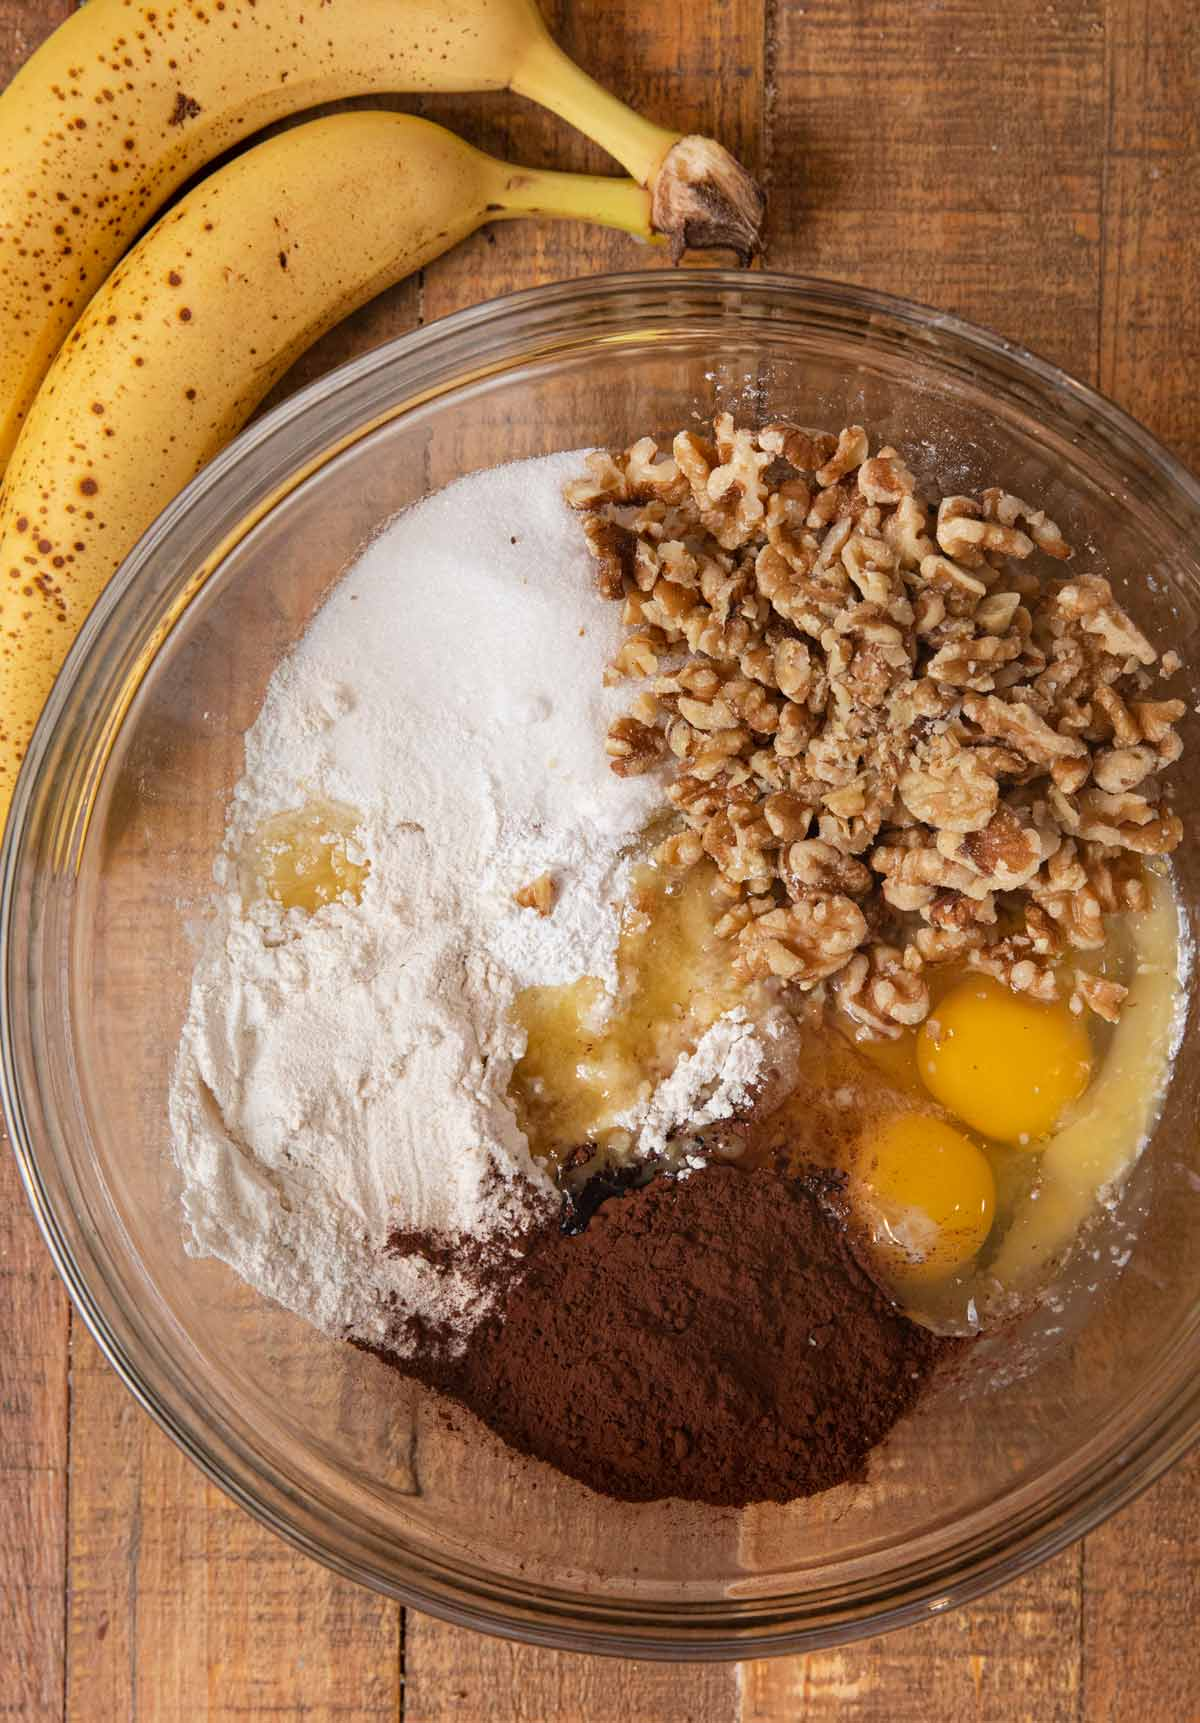 Banana Nut Brownies ingredients in bowl